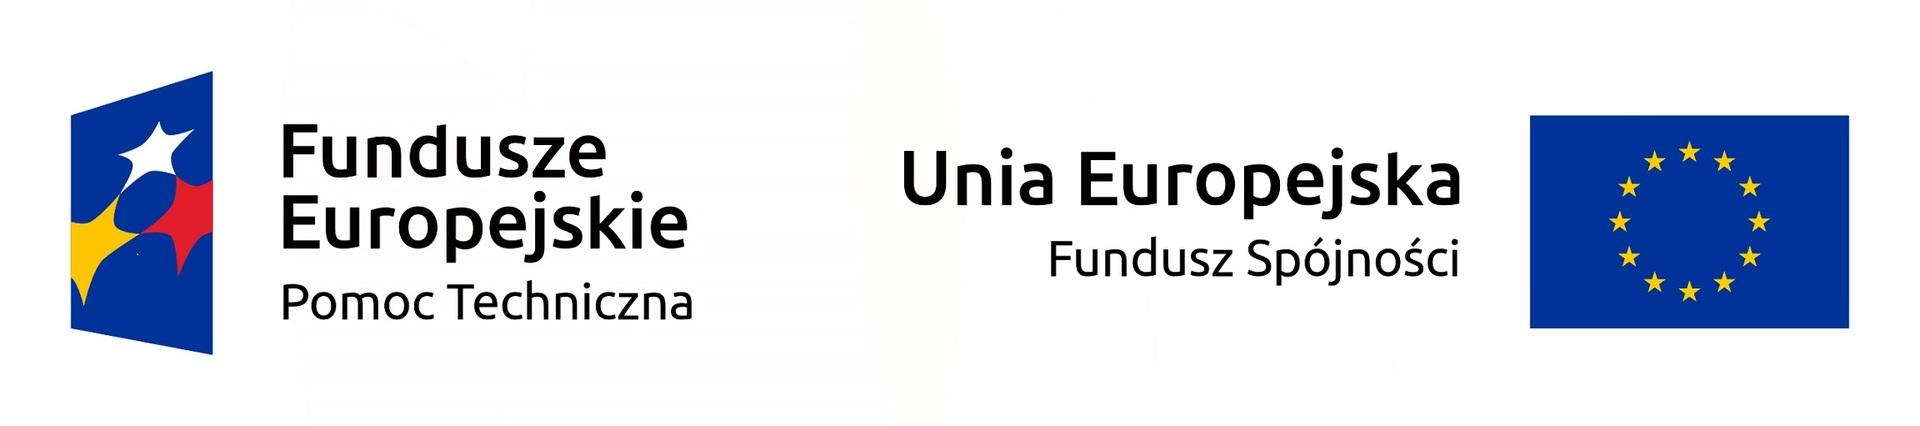 LogaFundusze Europejskie Pomoc technicznaorazUnia Europejska Fundusz Spójności [2304x511]